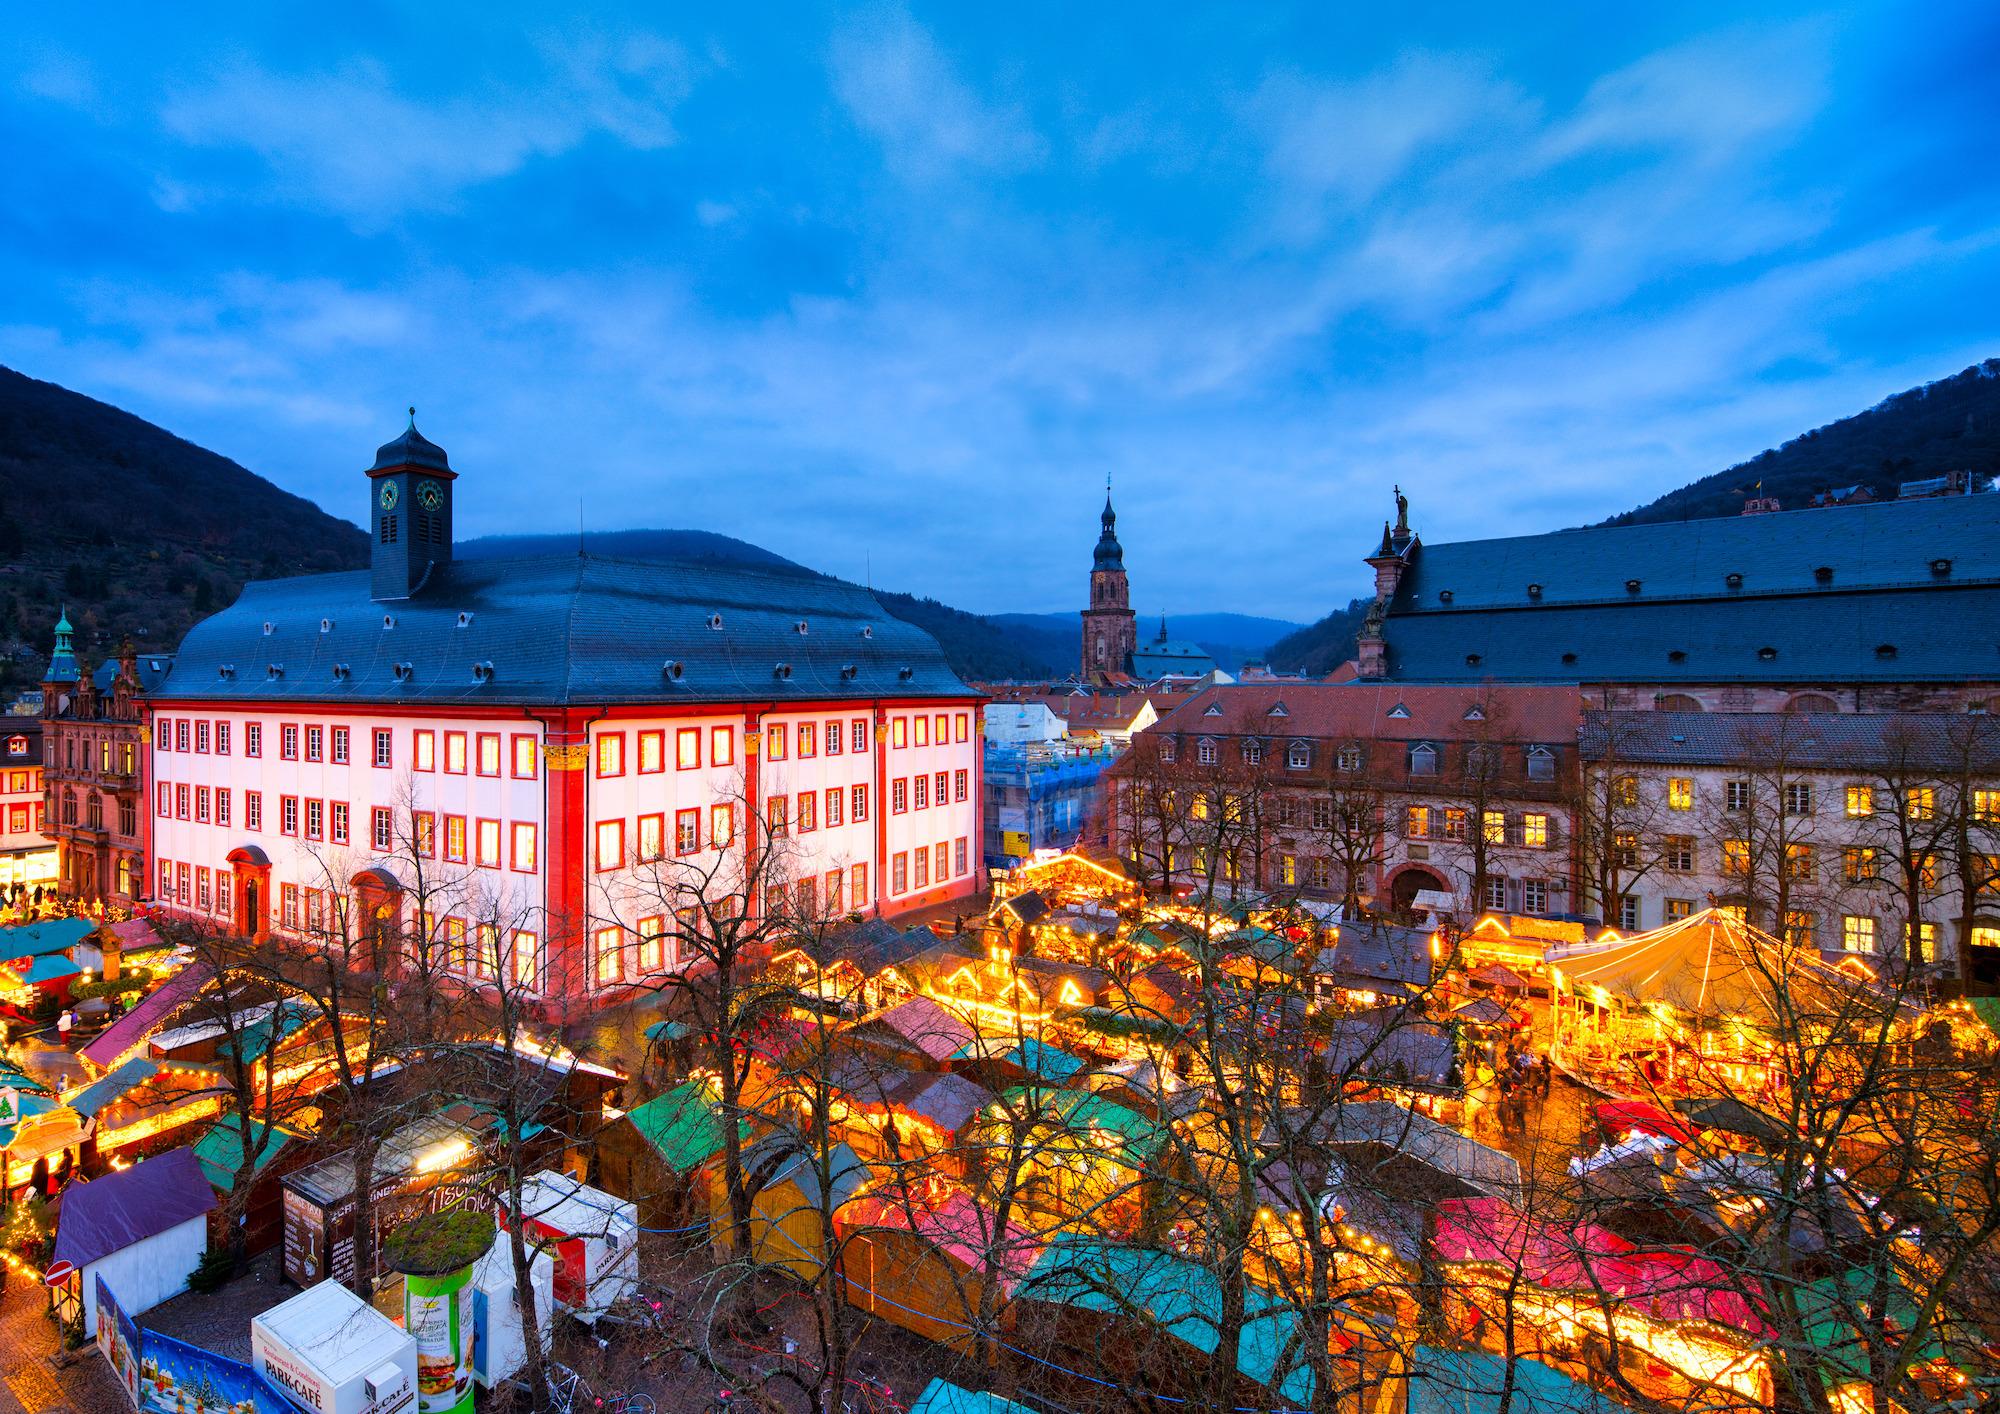 öffnungszeiten Weihnachtsmarkt Heidelberg.Weihnachten In Heidelberg Heidelberger Weihnachtsmarkt Eröffnet Am